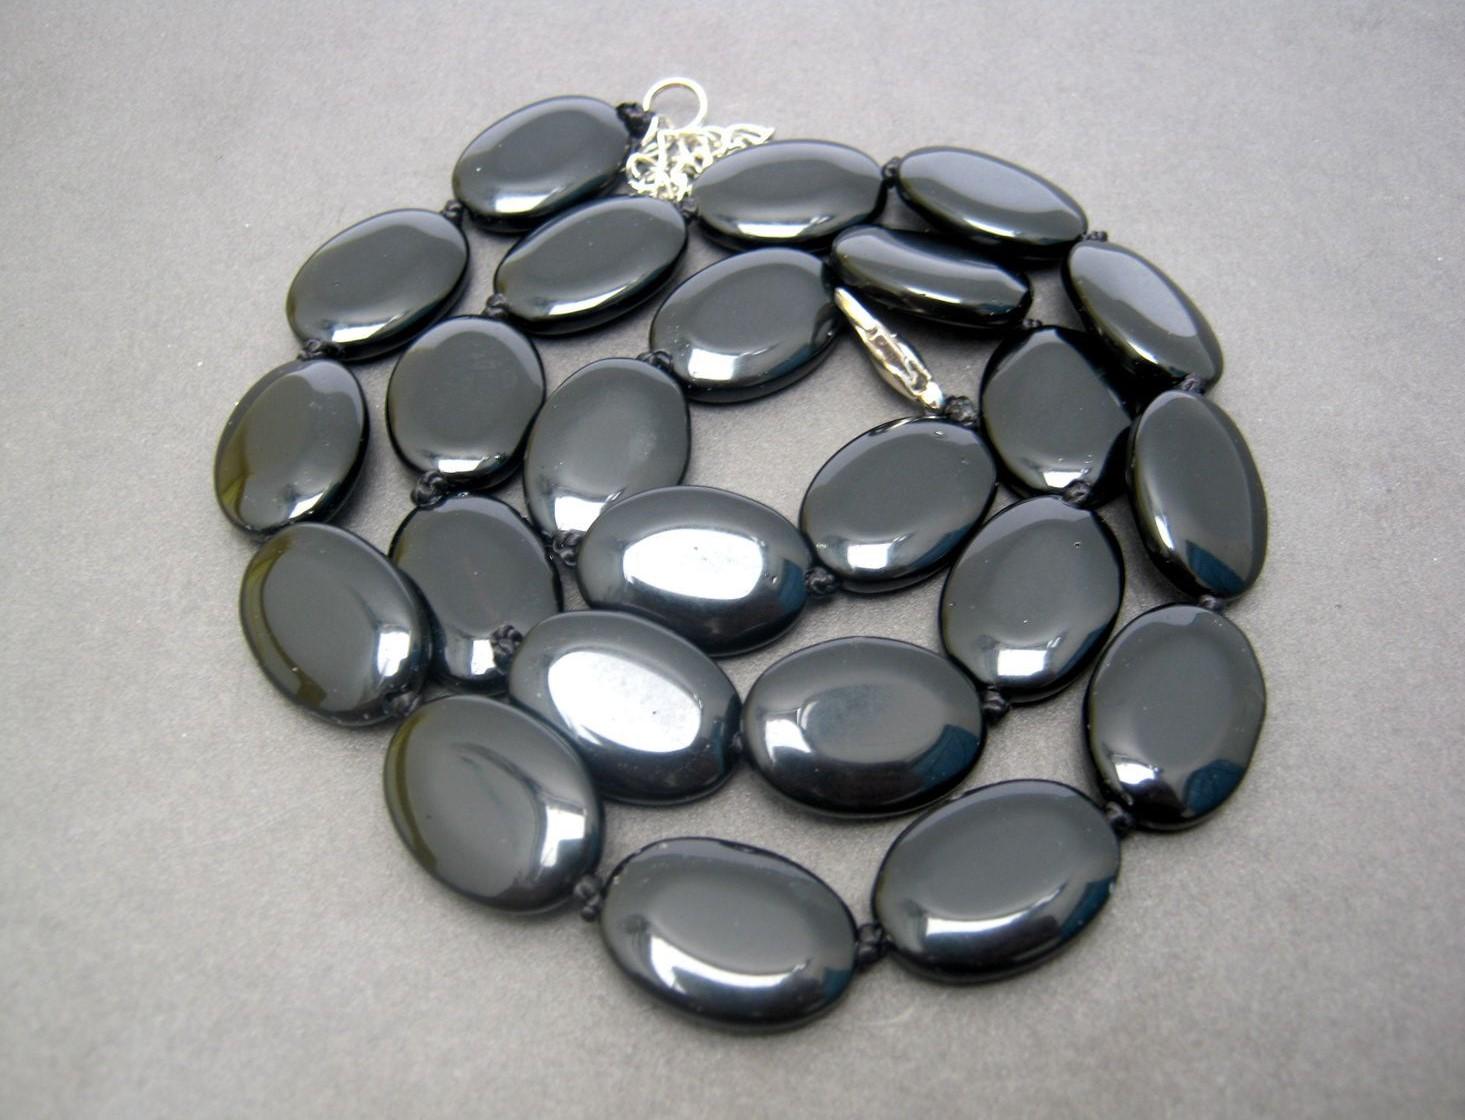 камень черный агат фото свойства и значение тоже загорелись идеей